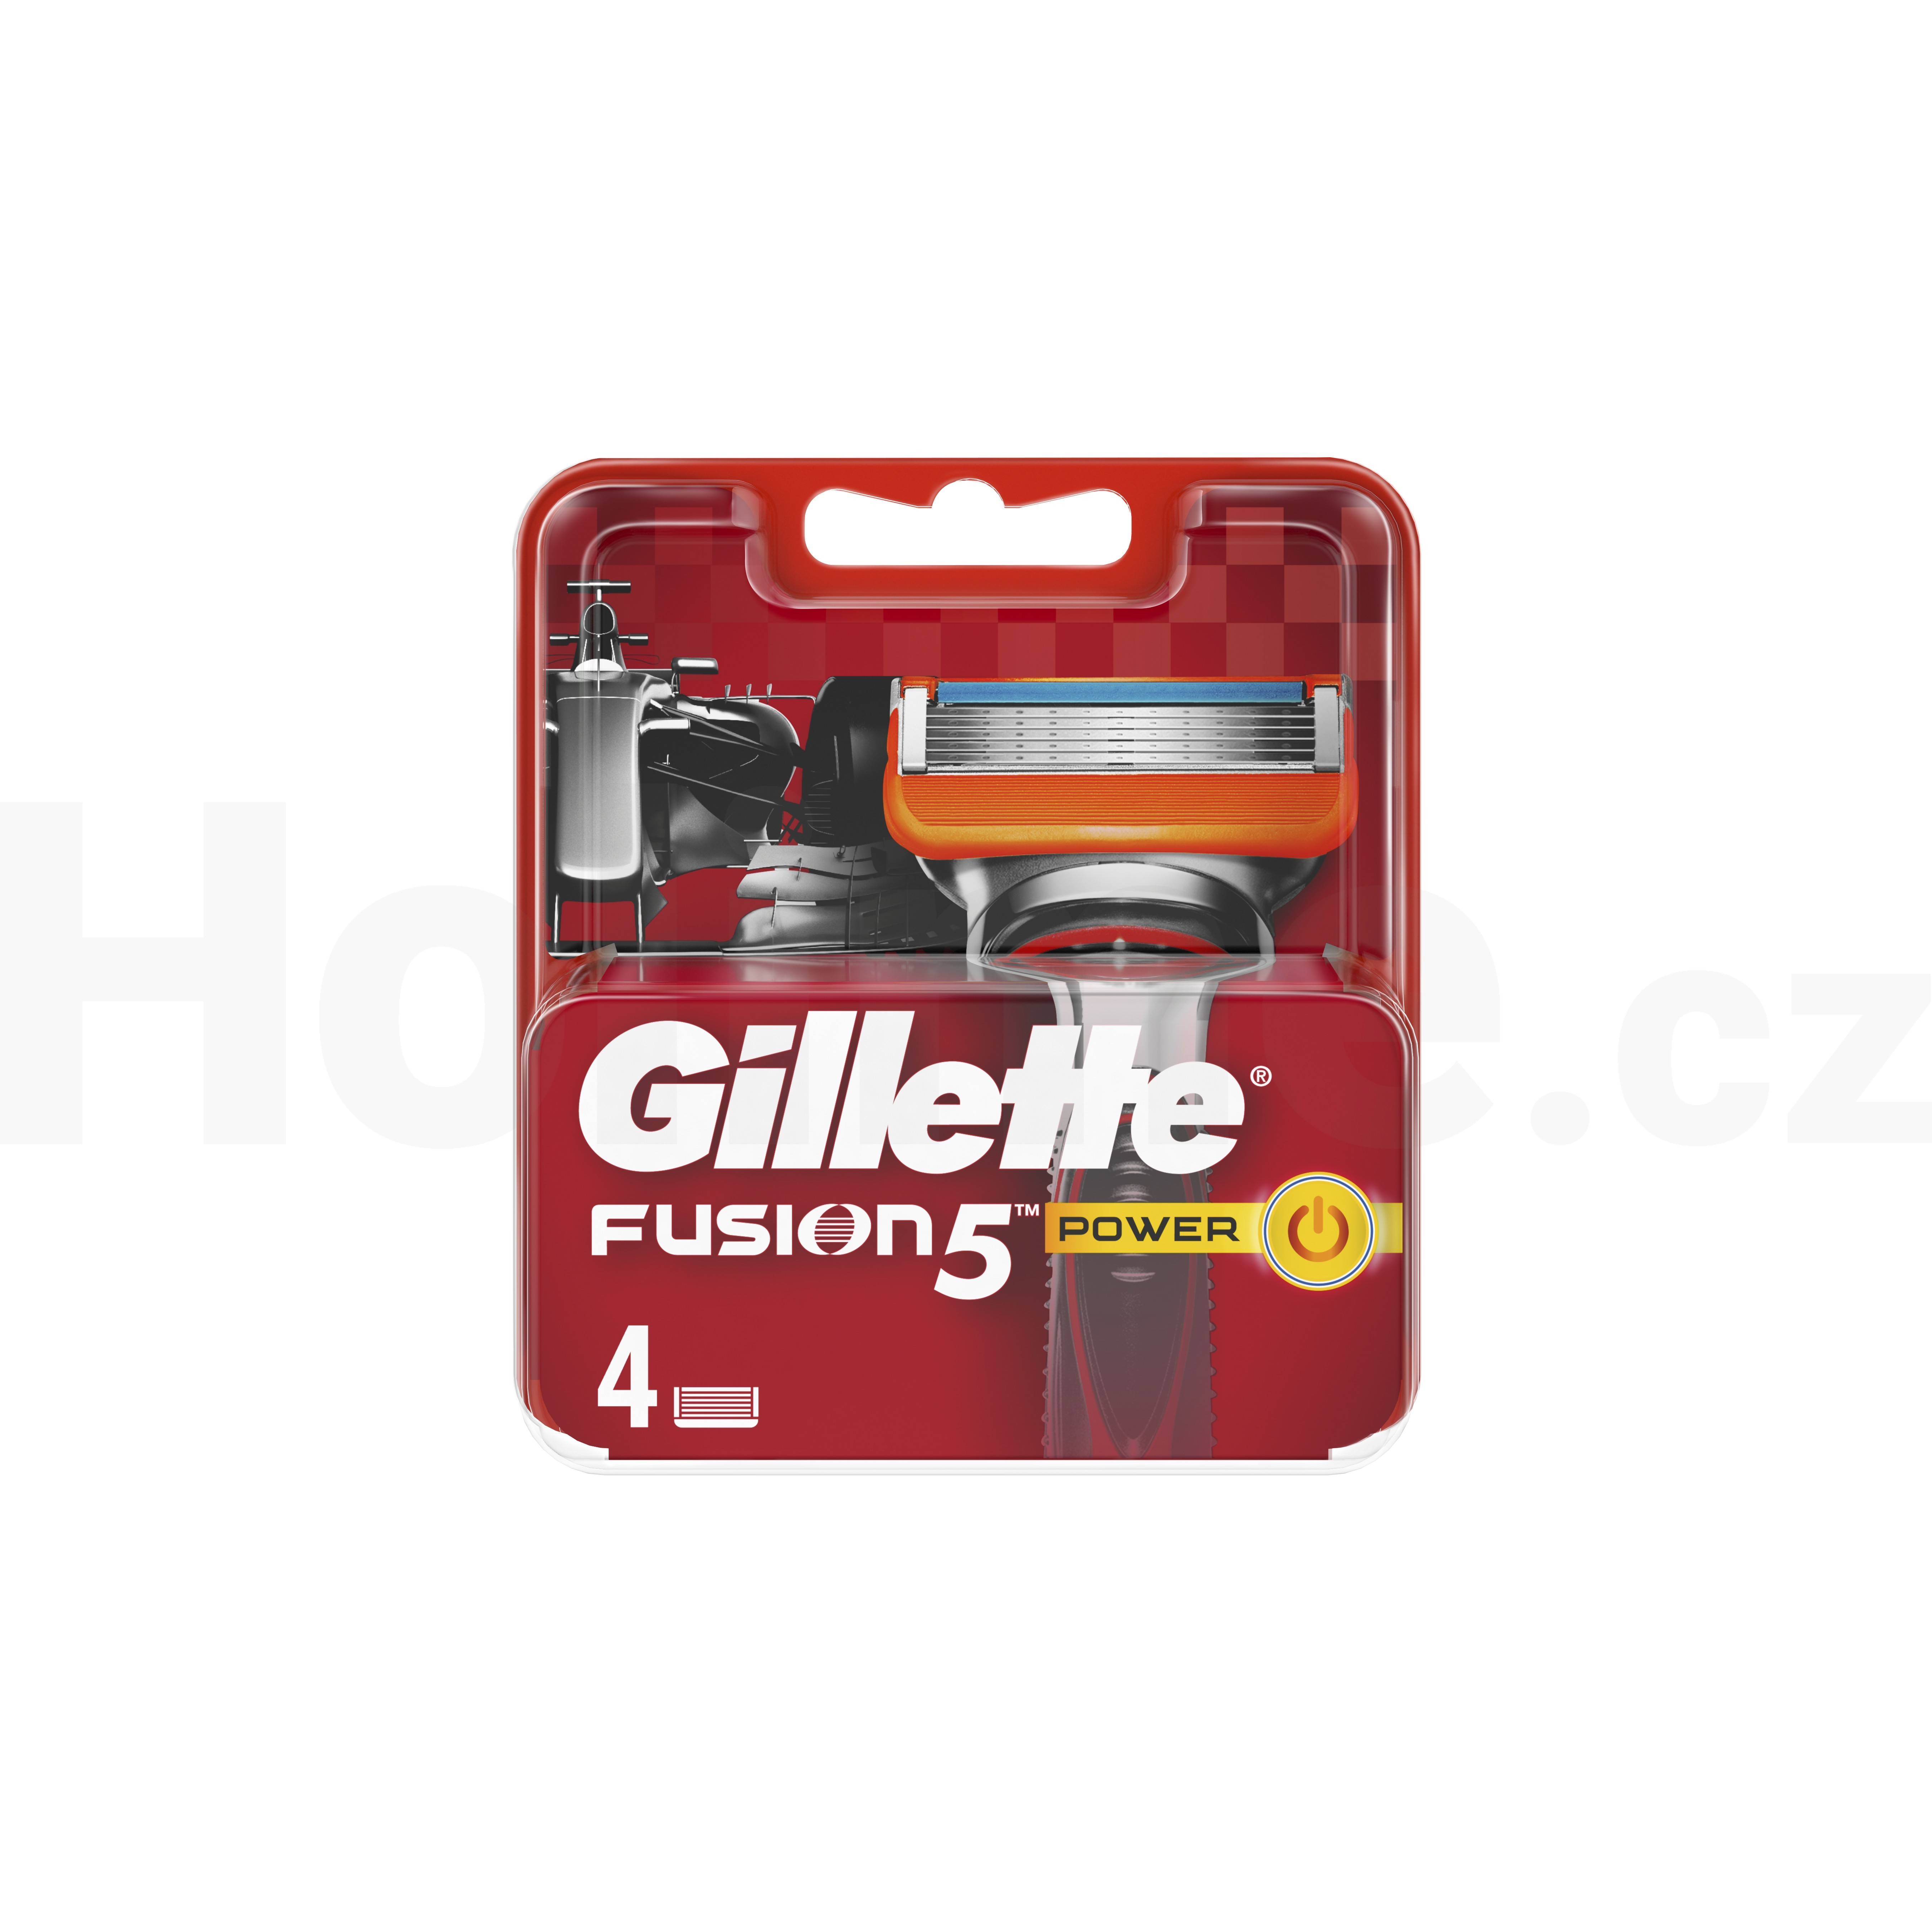 Procter & Gamble Gillette Fusion Power náhradní hlavice 4 ks